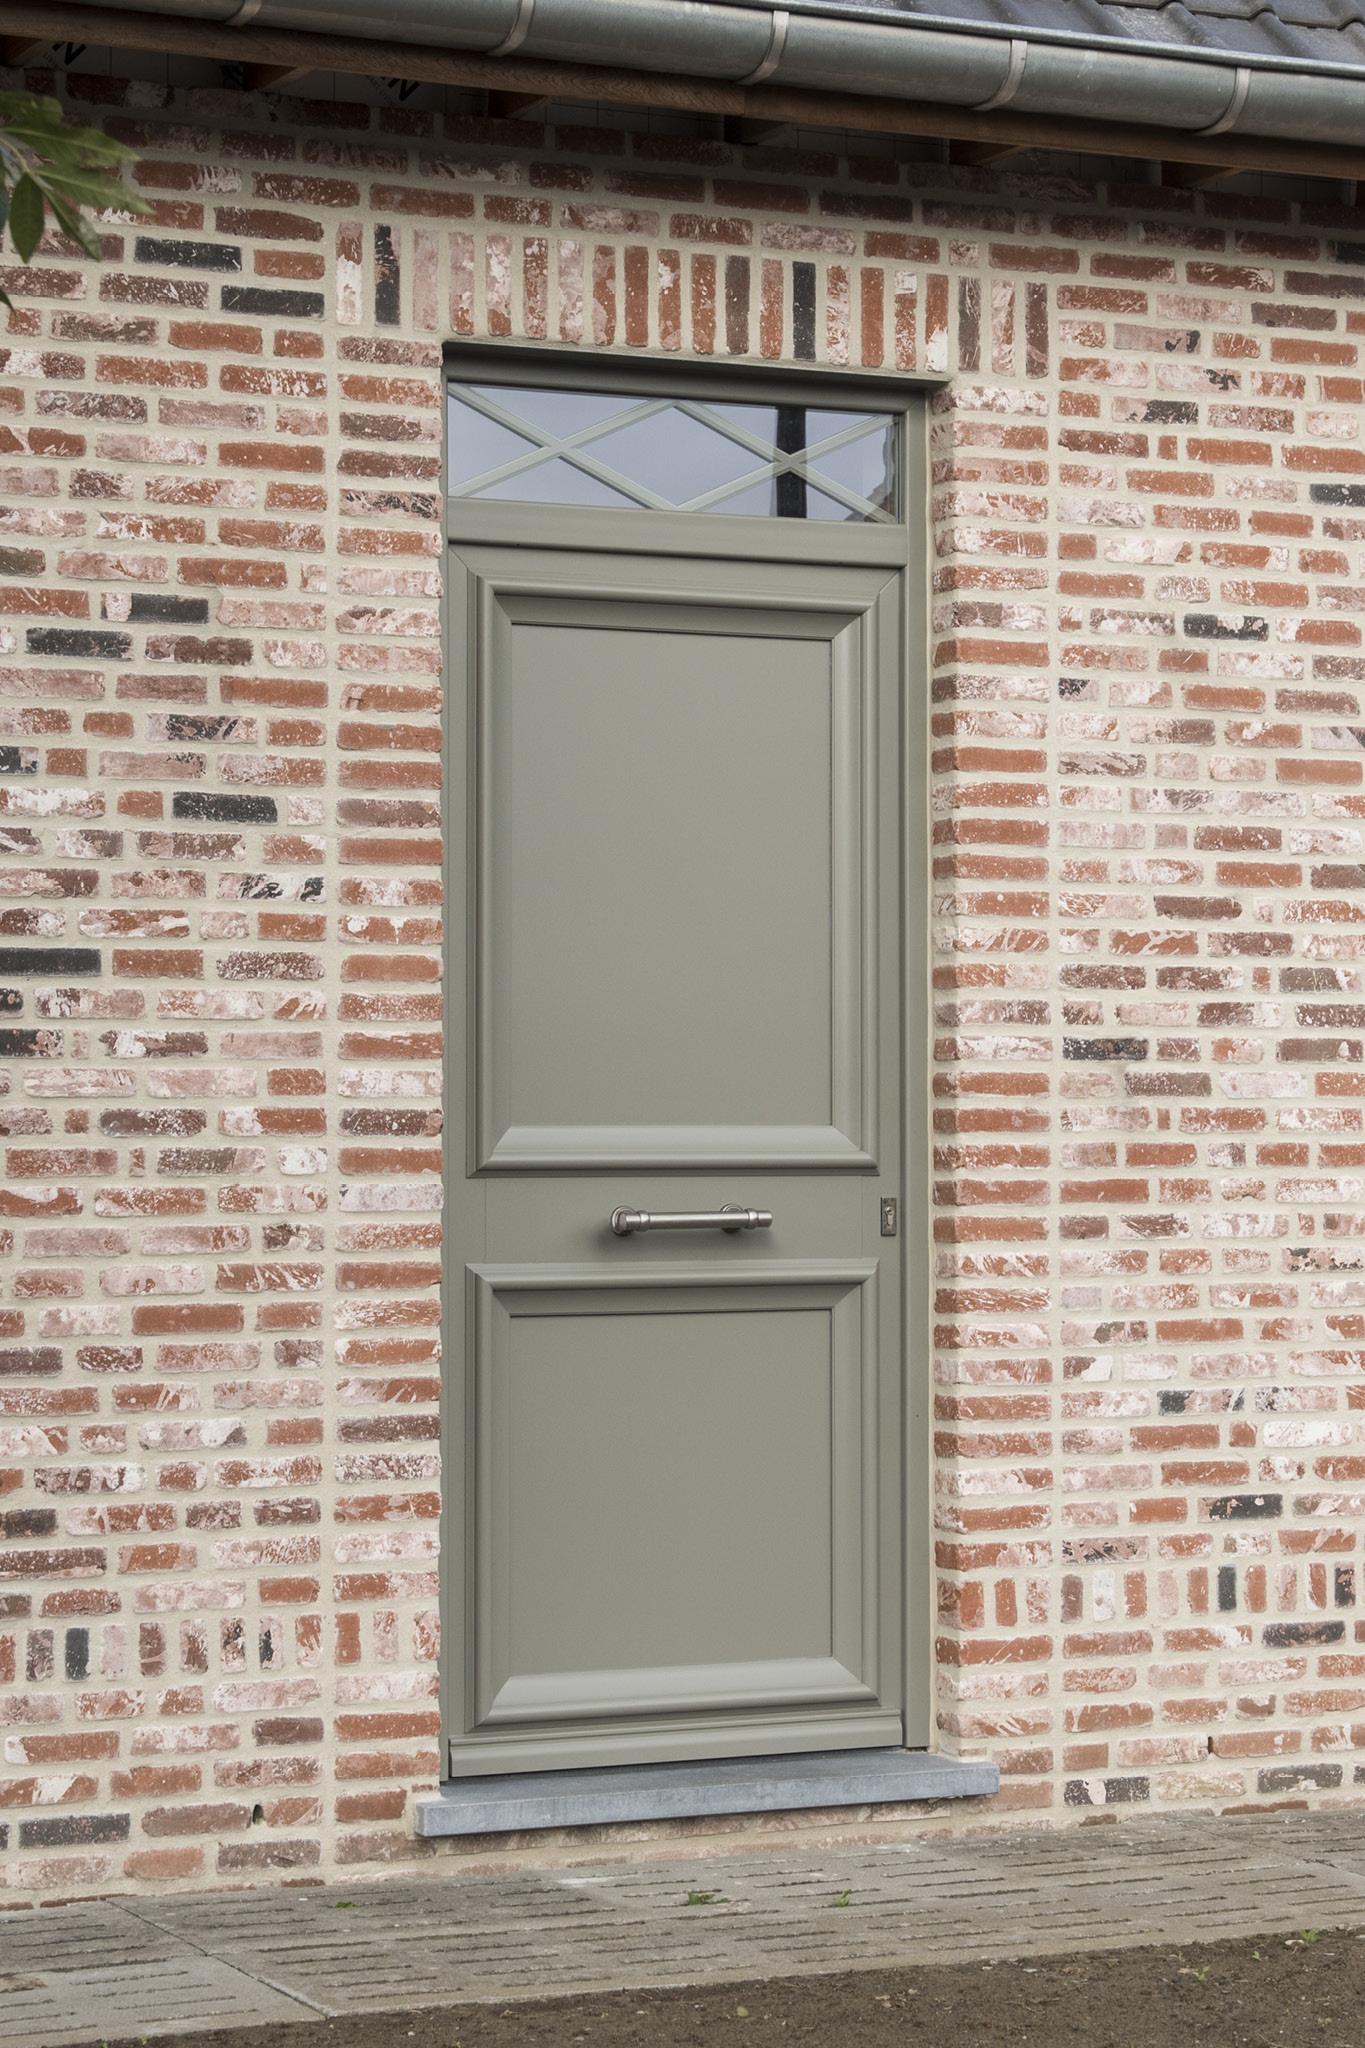 Porte d'entrée de maison : Voici la gamme Classics